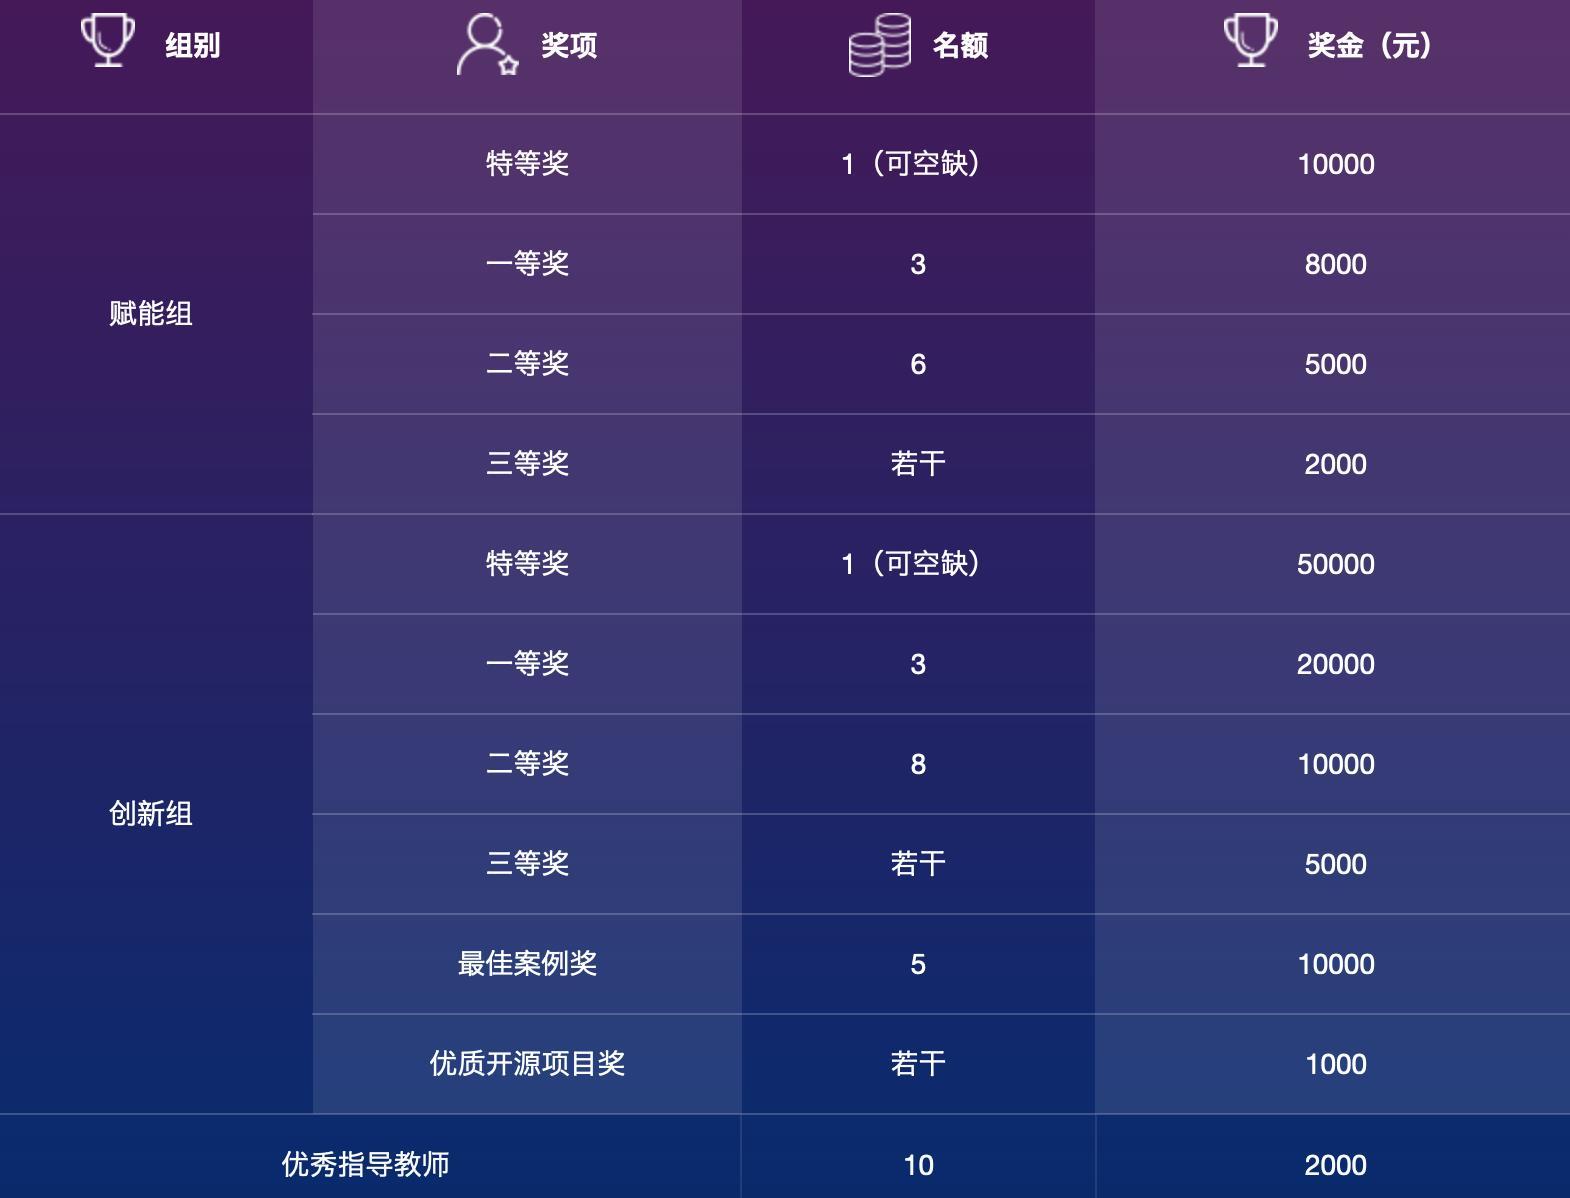 去大赛网-2020中国高校计算机大赛 pic02.jpg